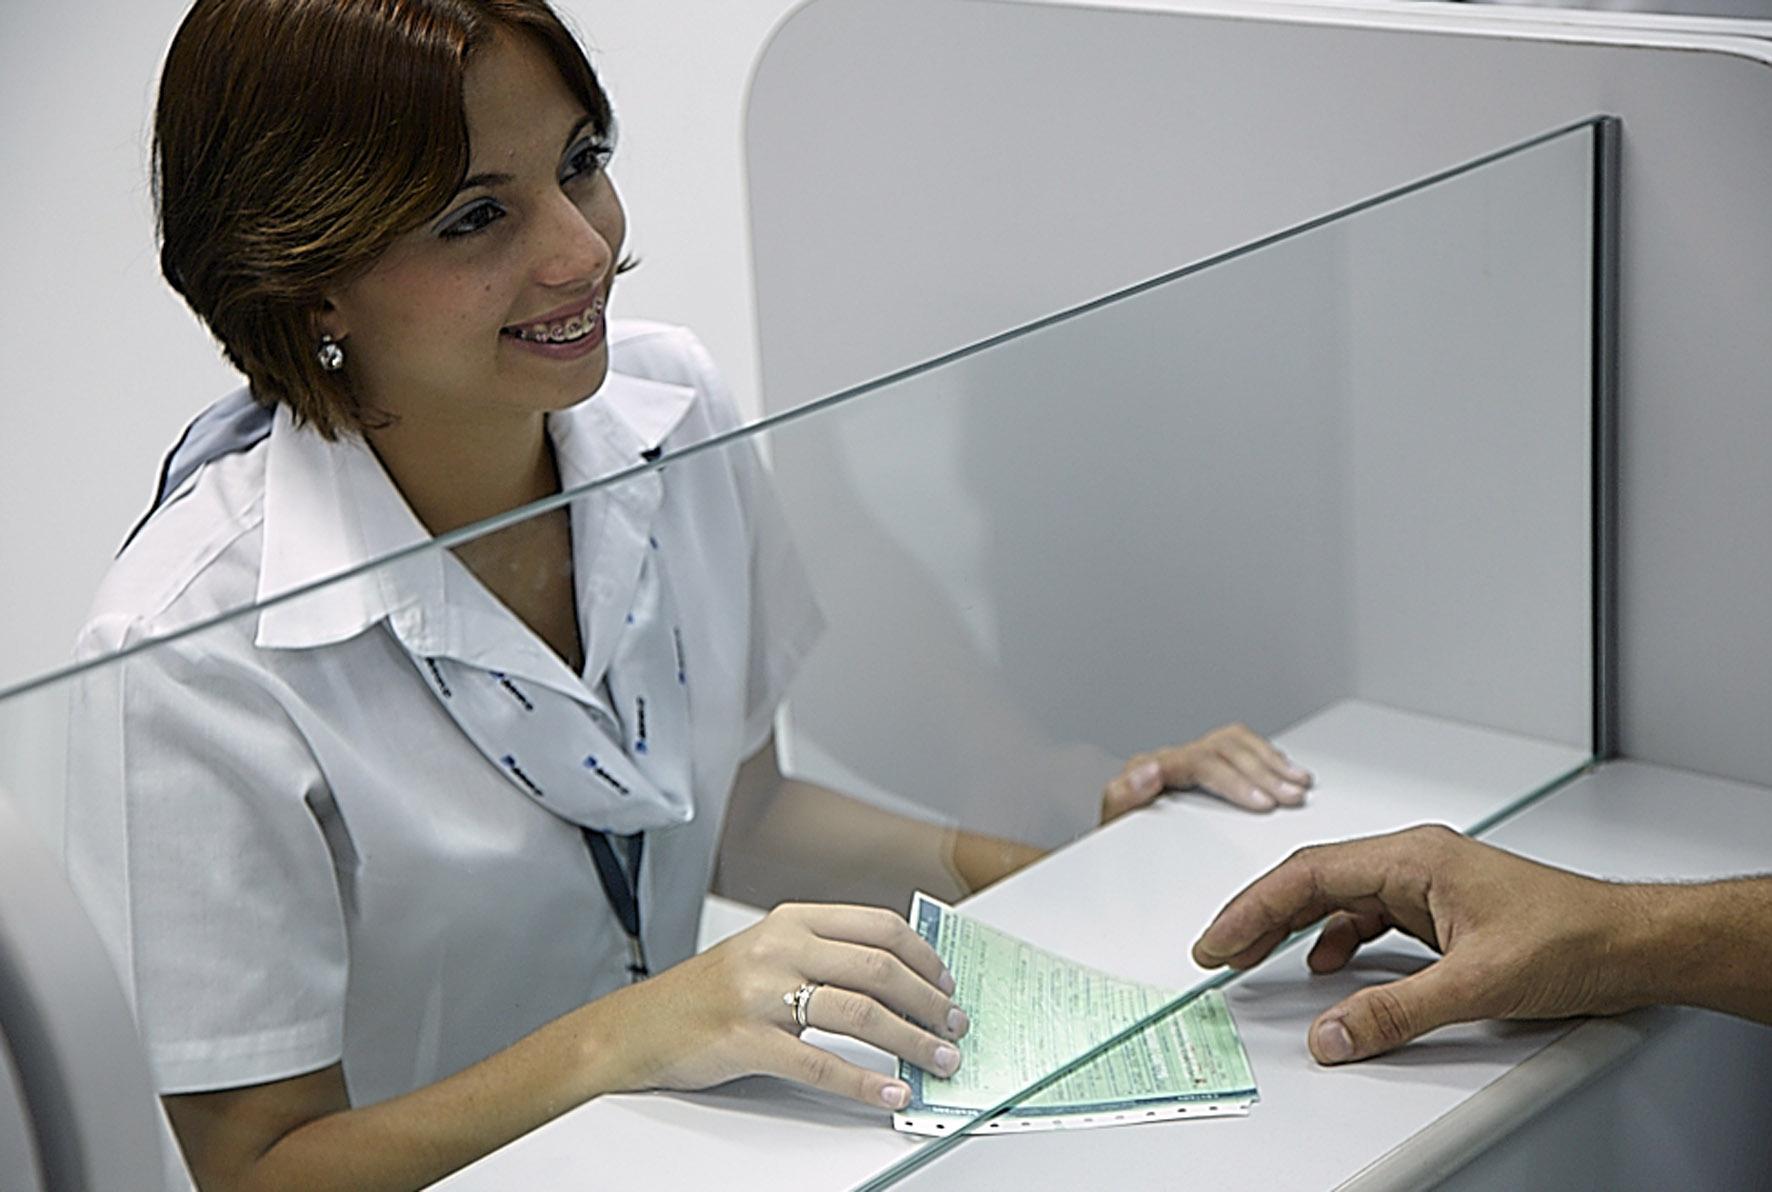 Atendente realizando a entrega de documentos do veículo